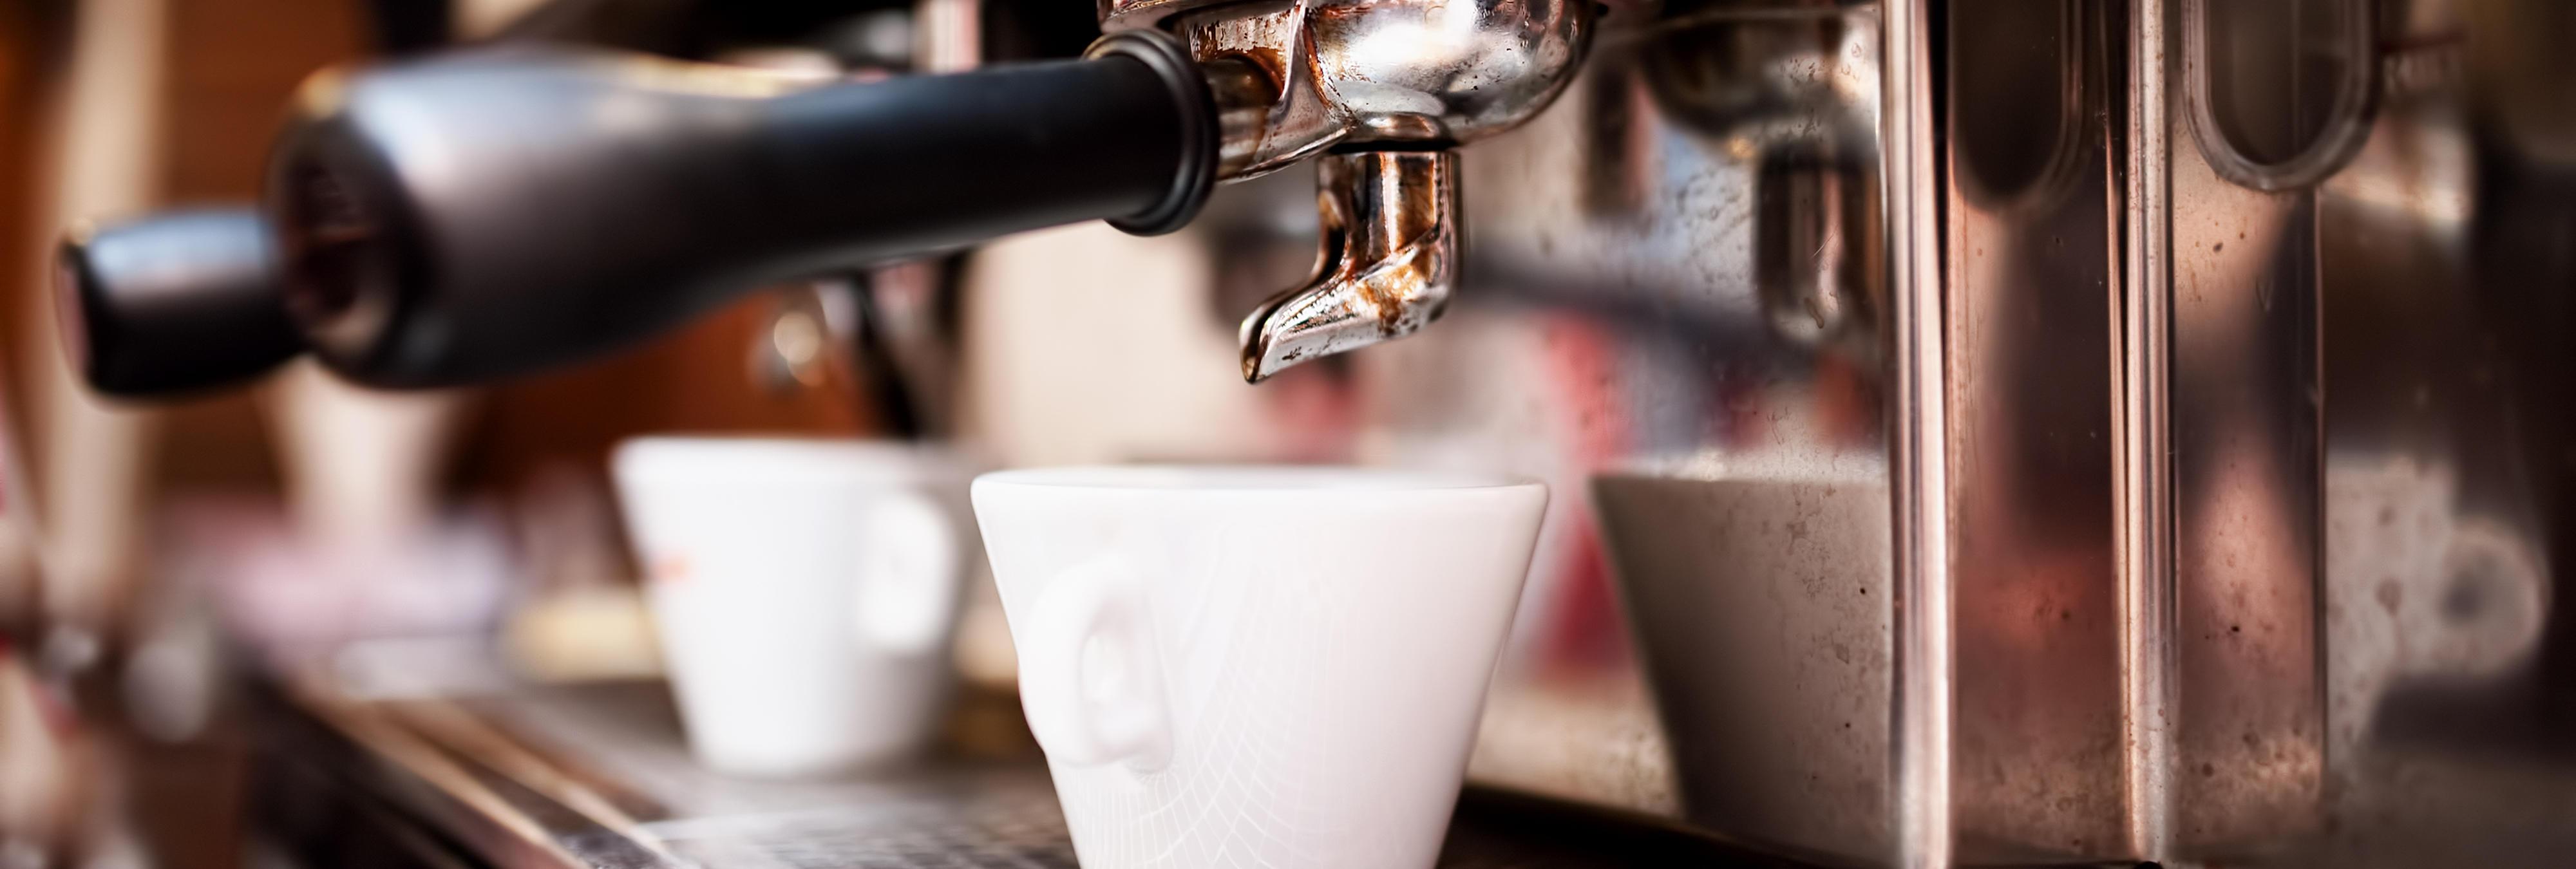 Un café y una felación: El futuro de las cafeterías está aquí